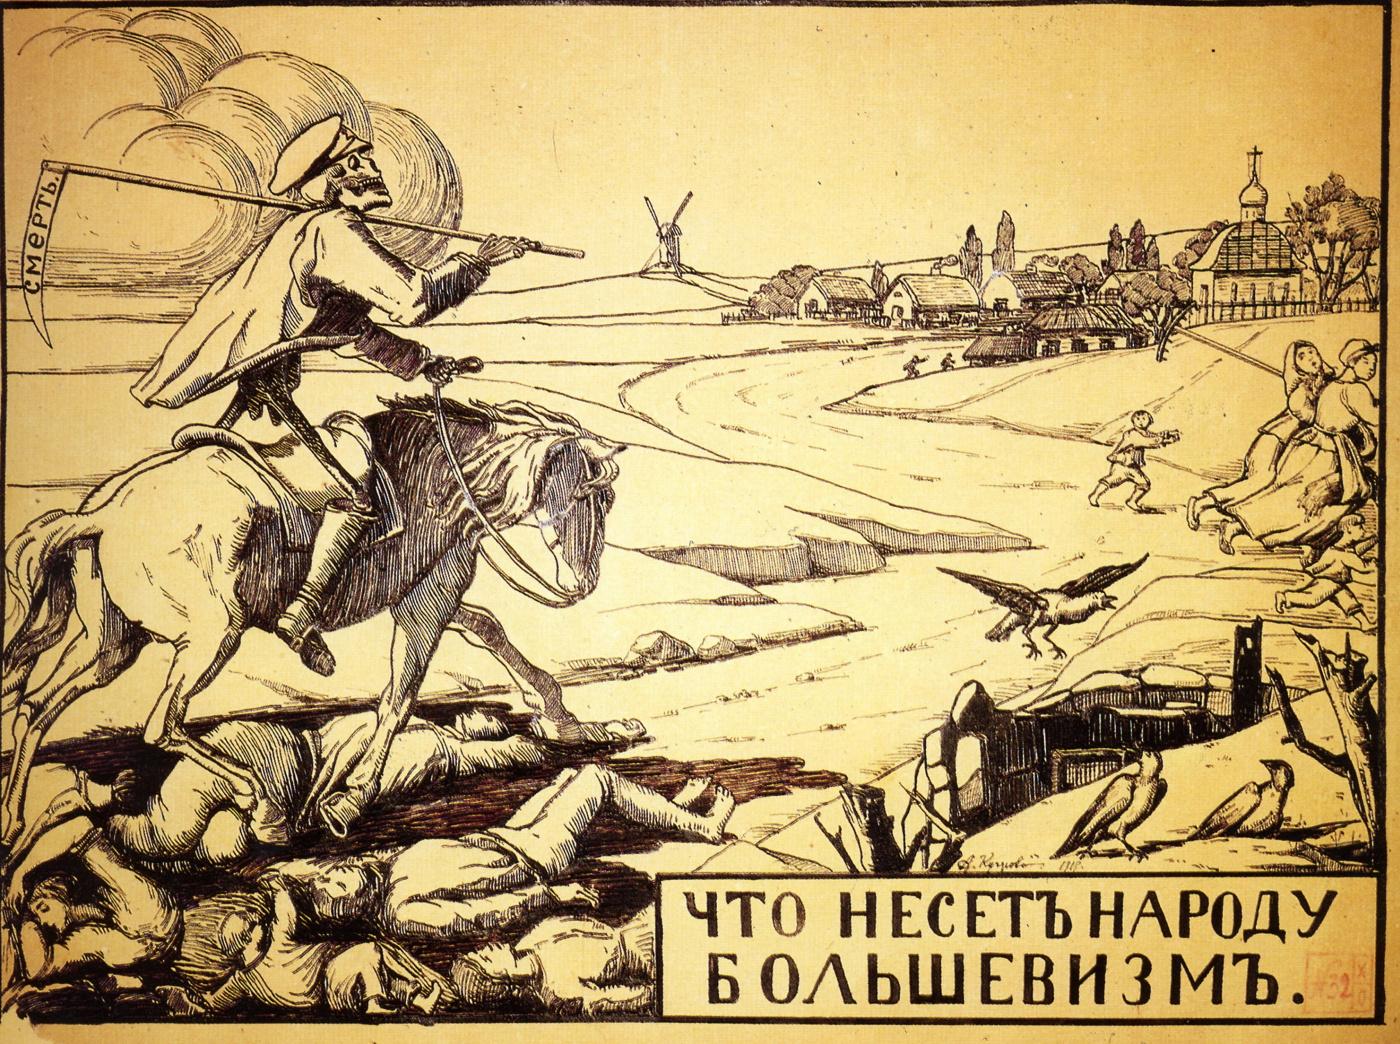 42. Что несет народу большевизм